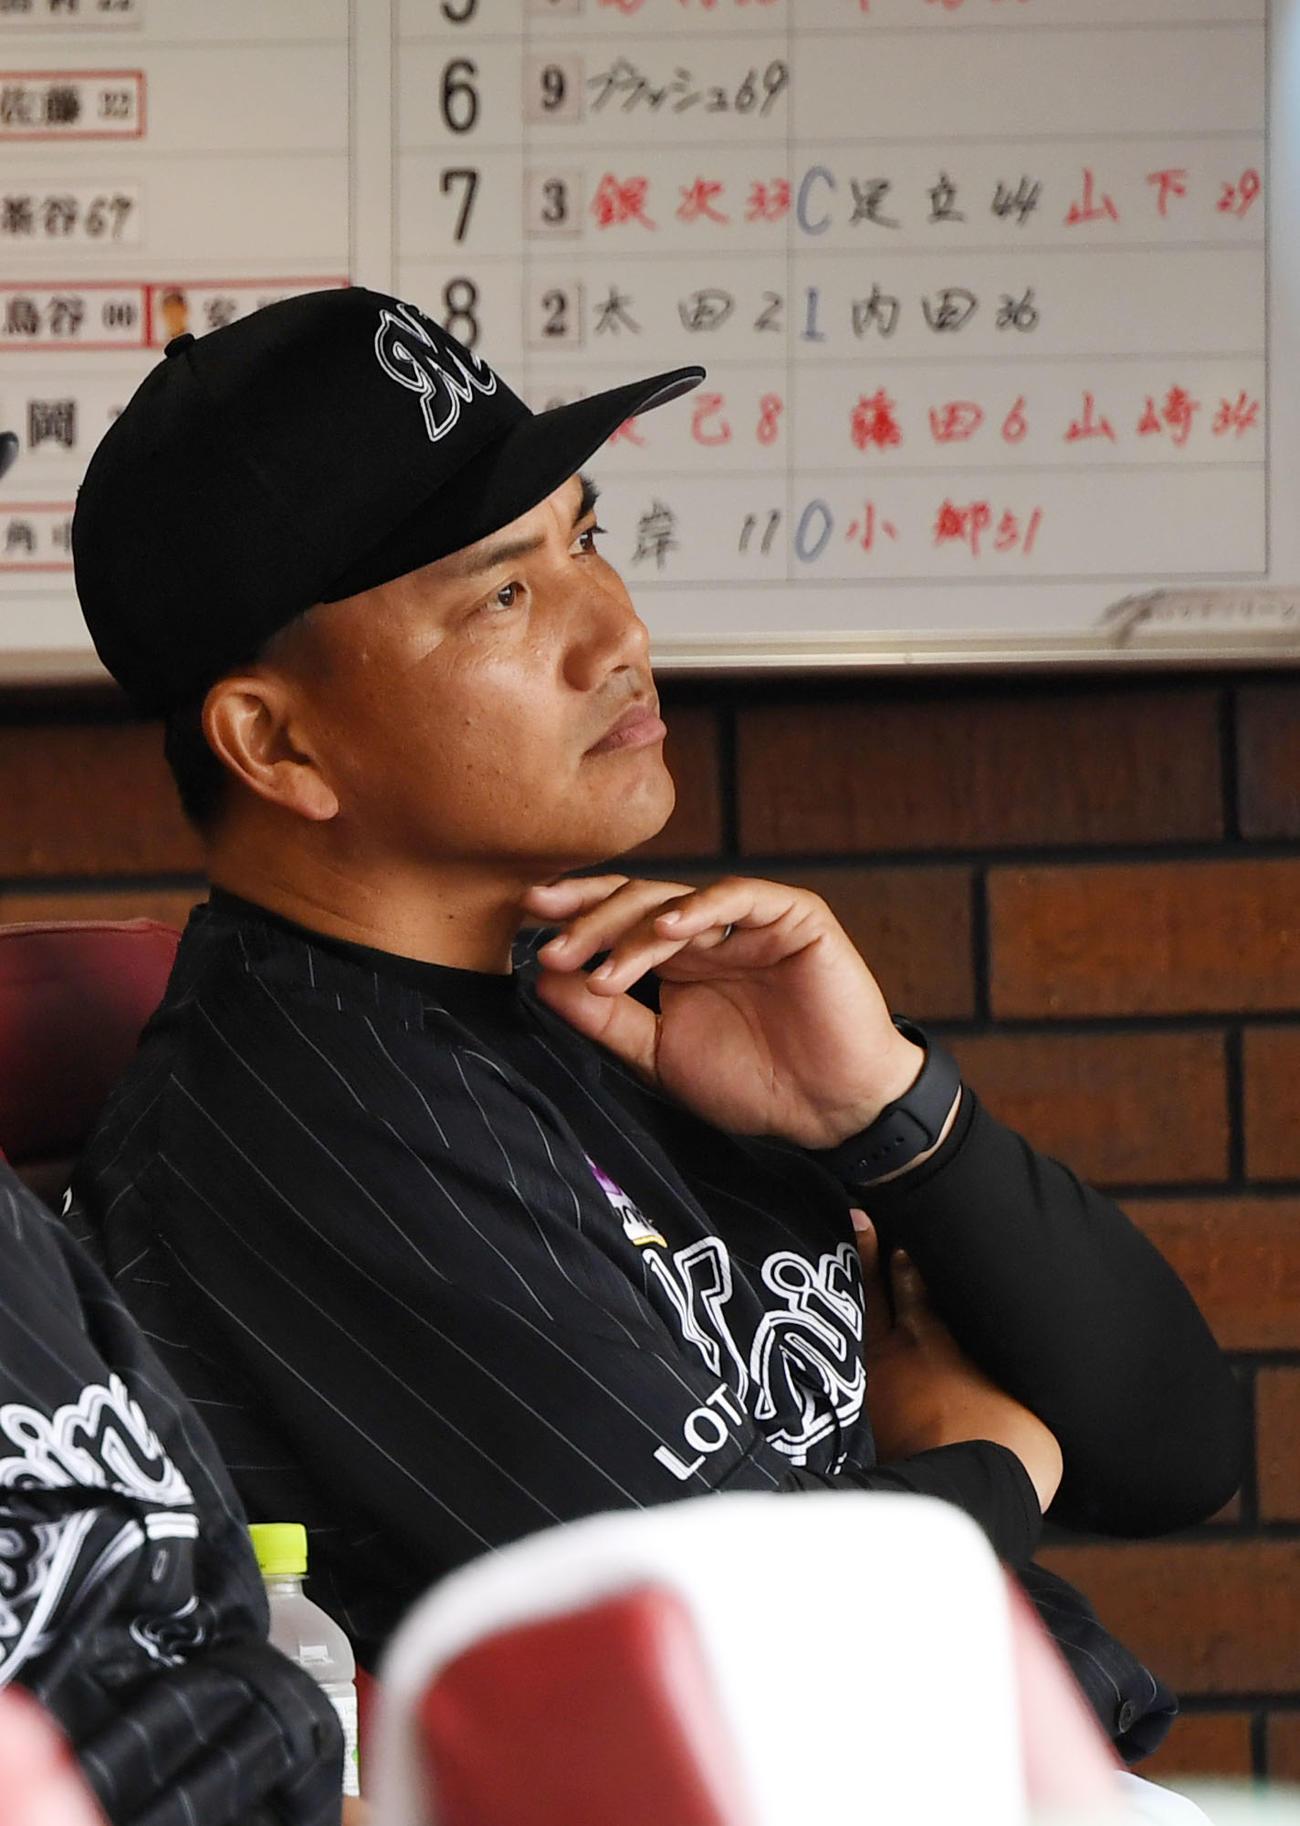 楽天対ロッテ 厳しい表情で試合を見つめるロッテ井口監督(撮影・横山健太)